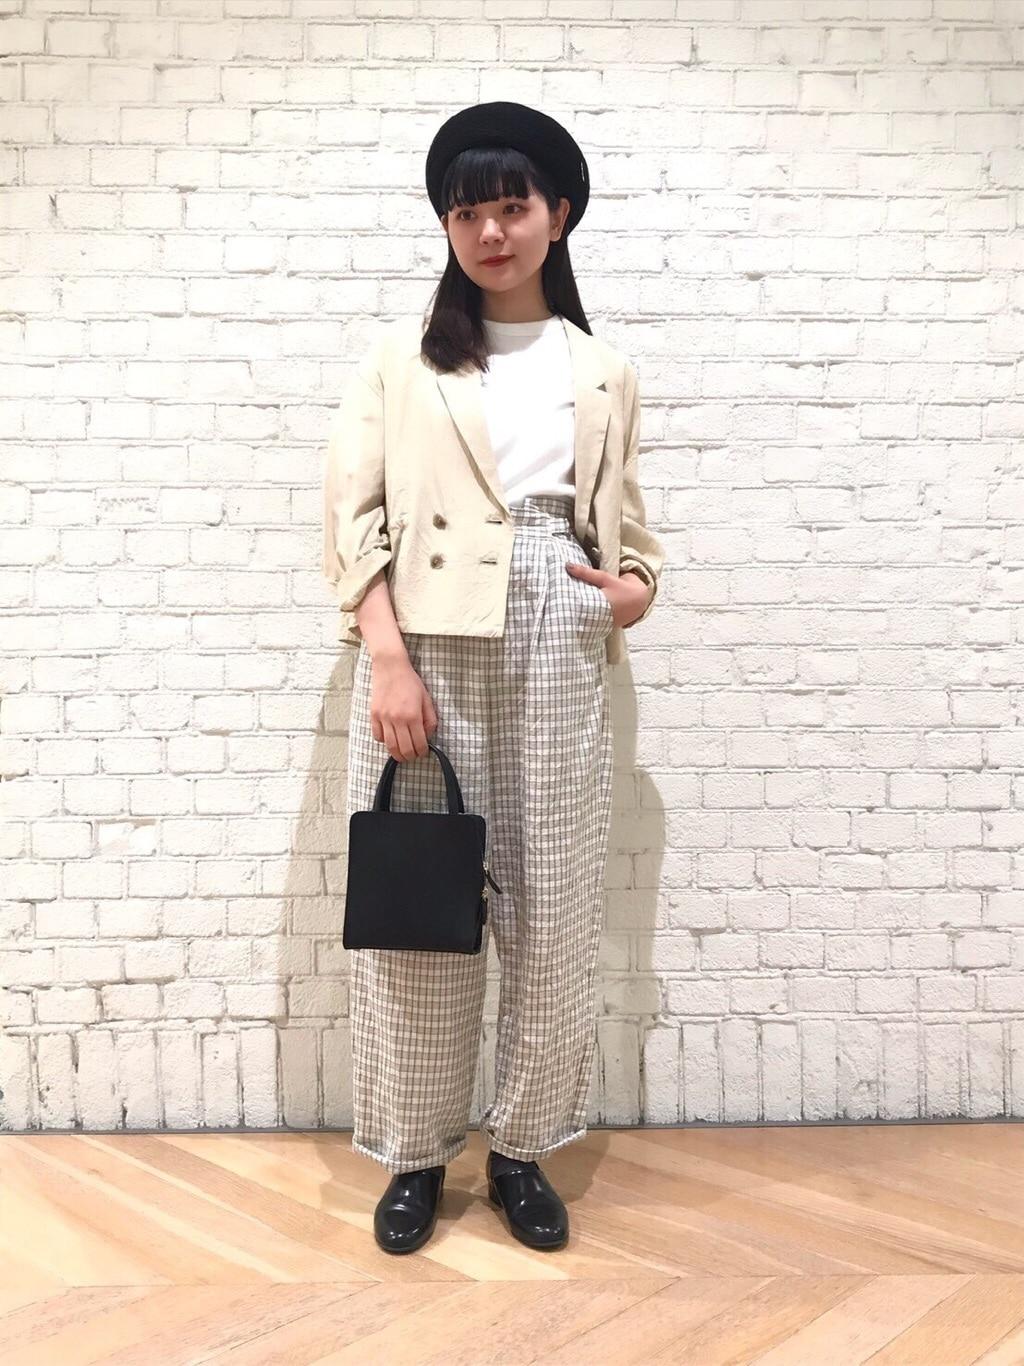 l'atelier du savon 東京スカイツリータウン・ソラマチ 身長:154cm 2020.04.17